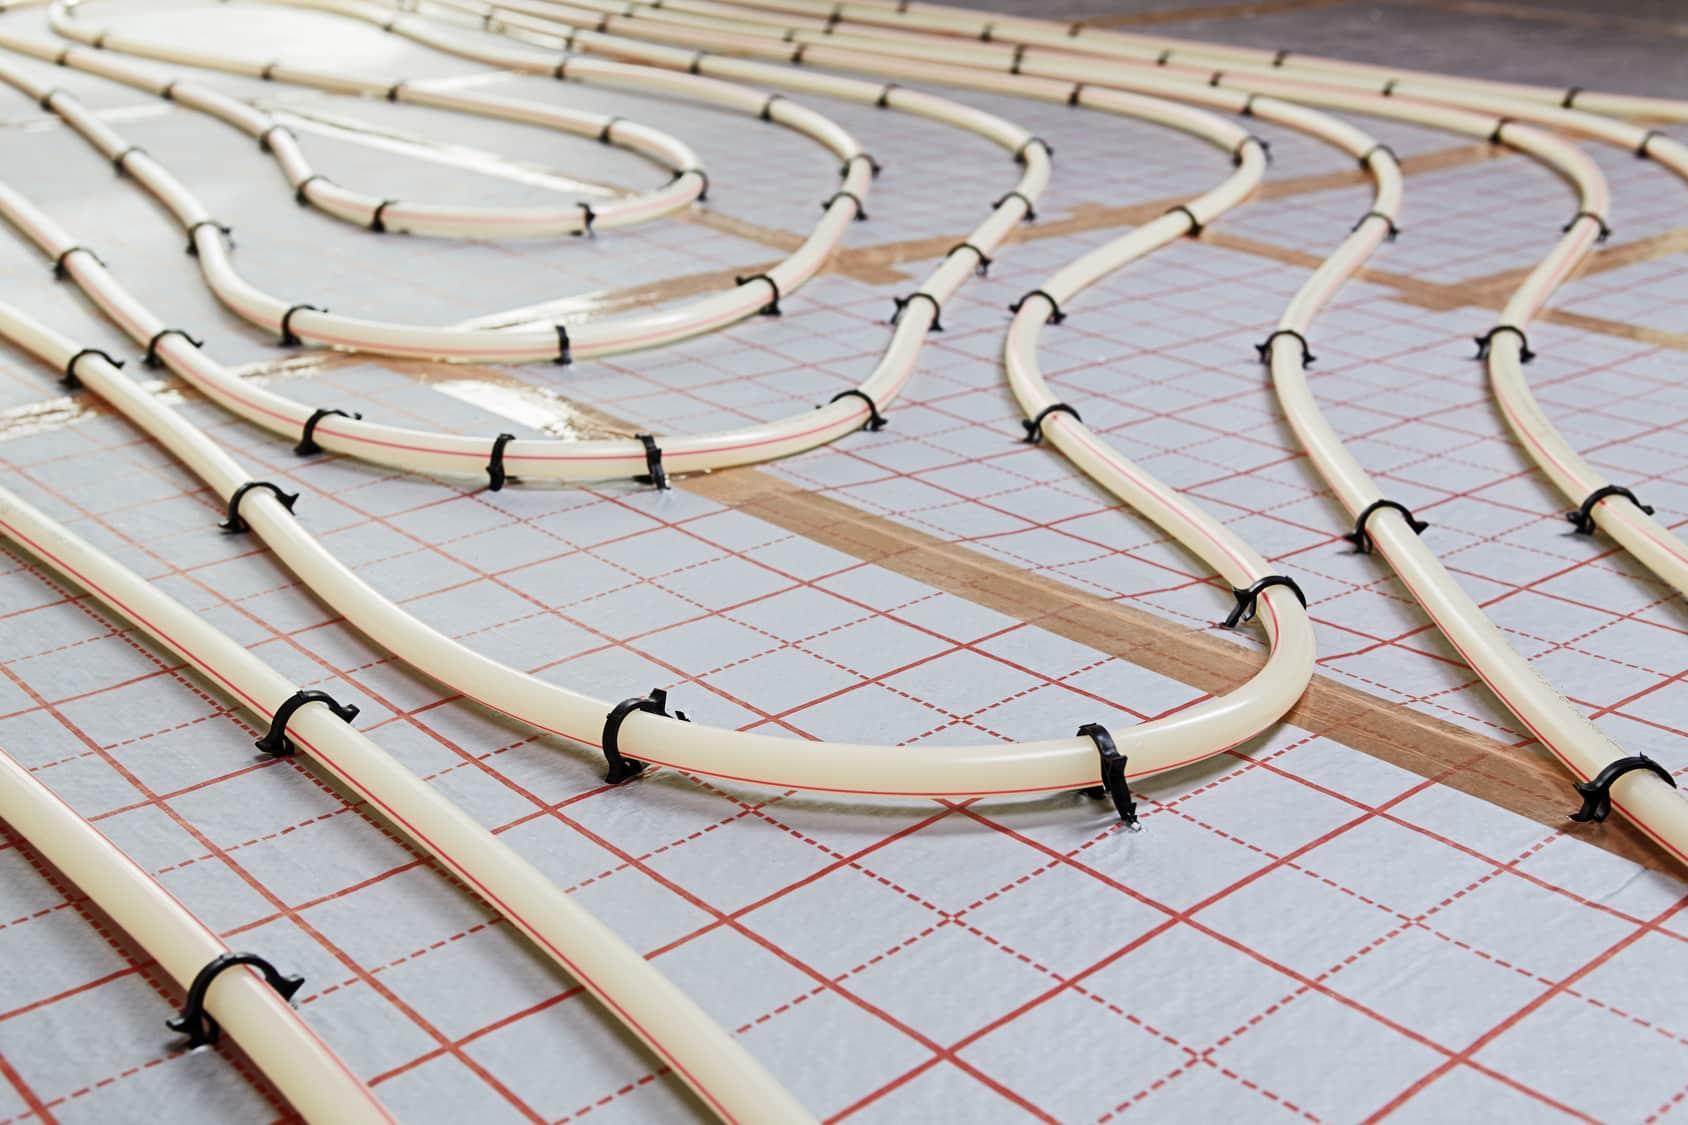 Coût Plancher Chauffant Hydraulique prix de l'installation d'un plancher chauffant